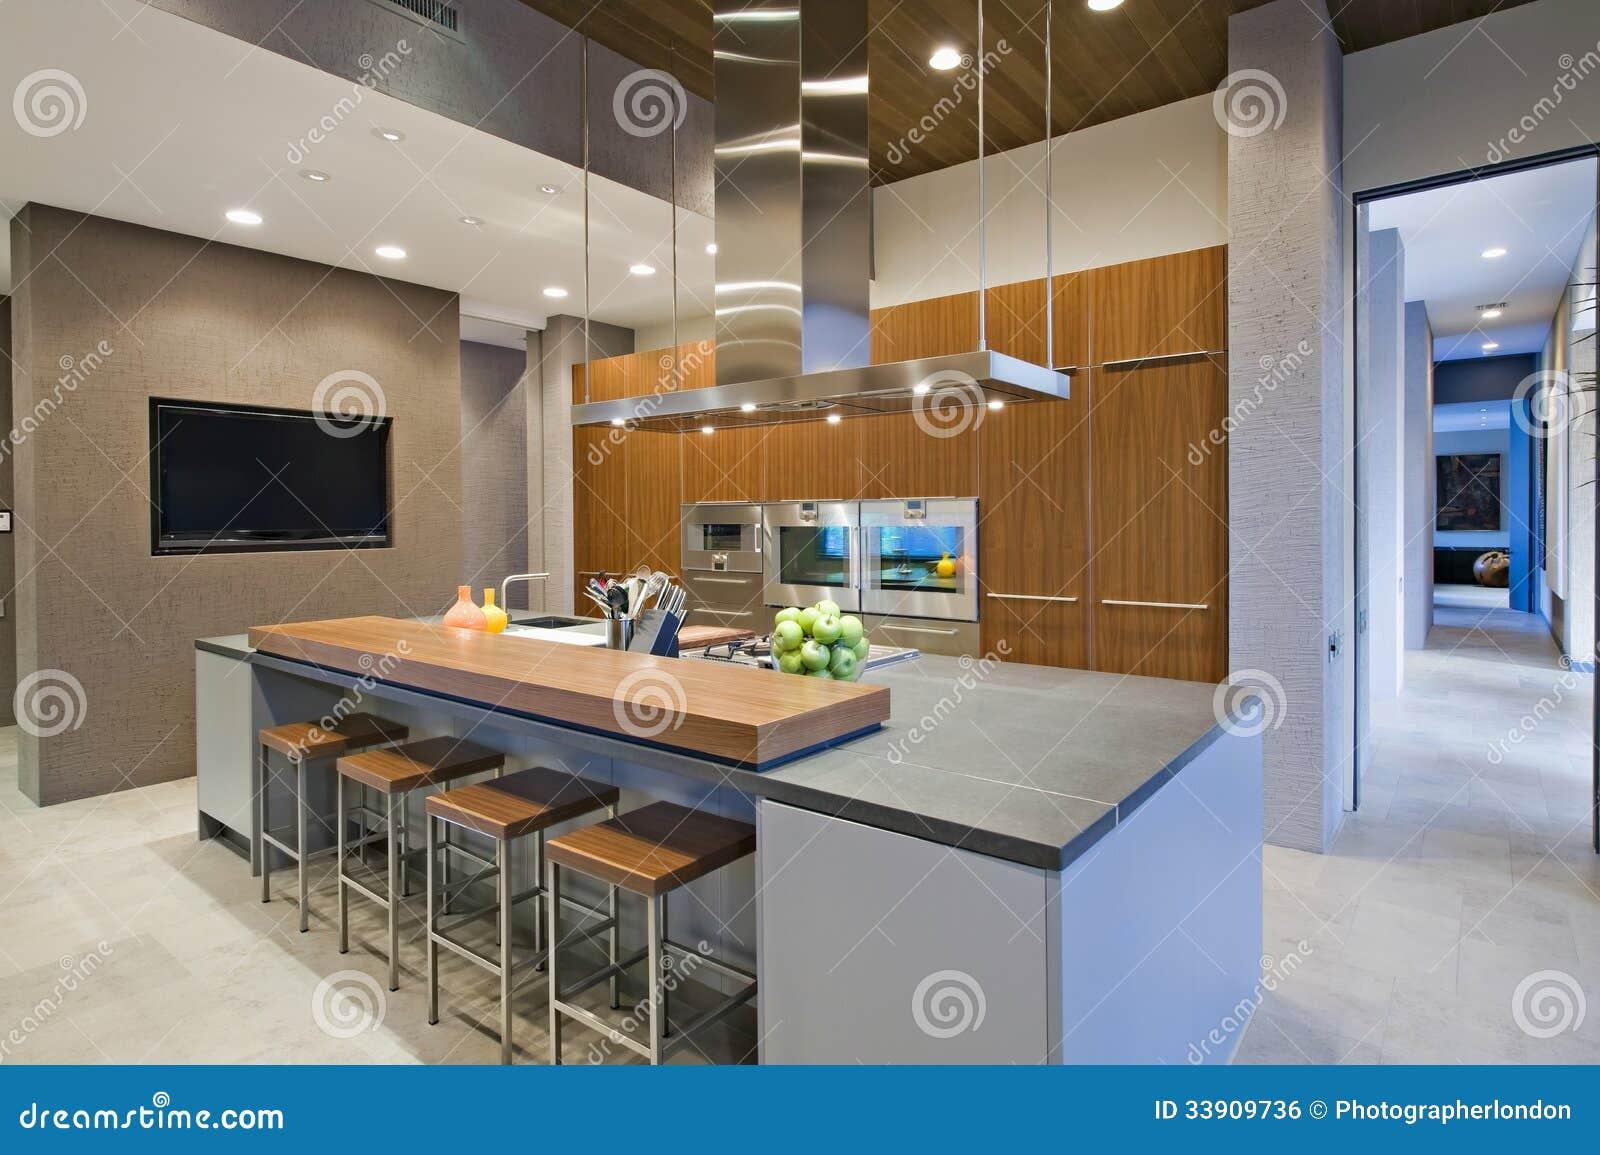 Barkrukken bij ontbijtbar in keuken royalty vrije stock afbeelding afbeelding 33909736 - Eigentijdse bar ...